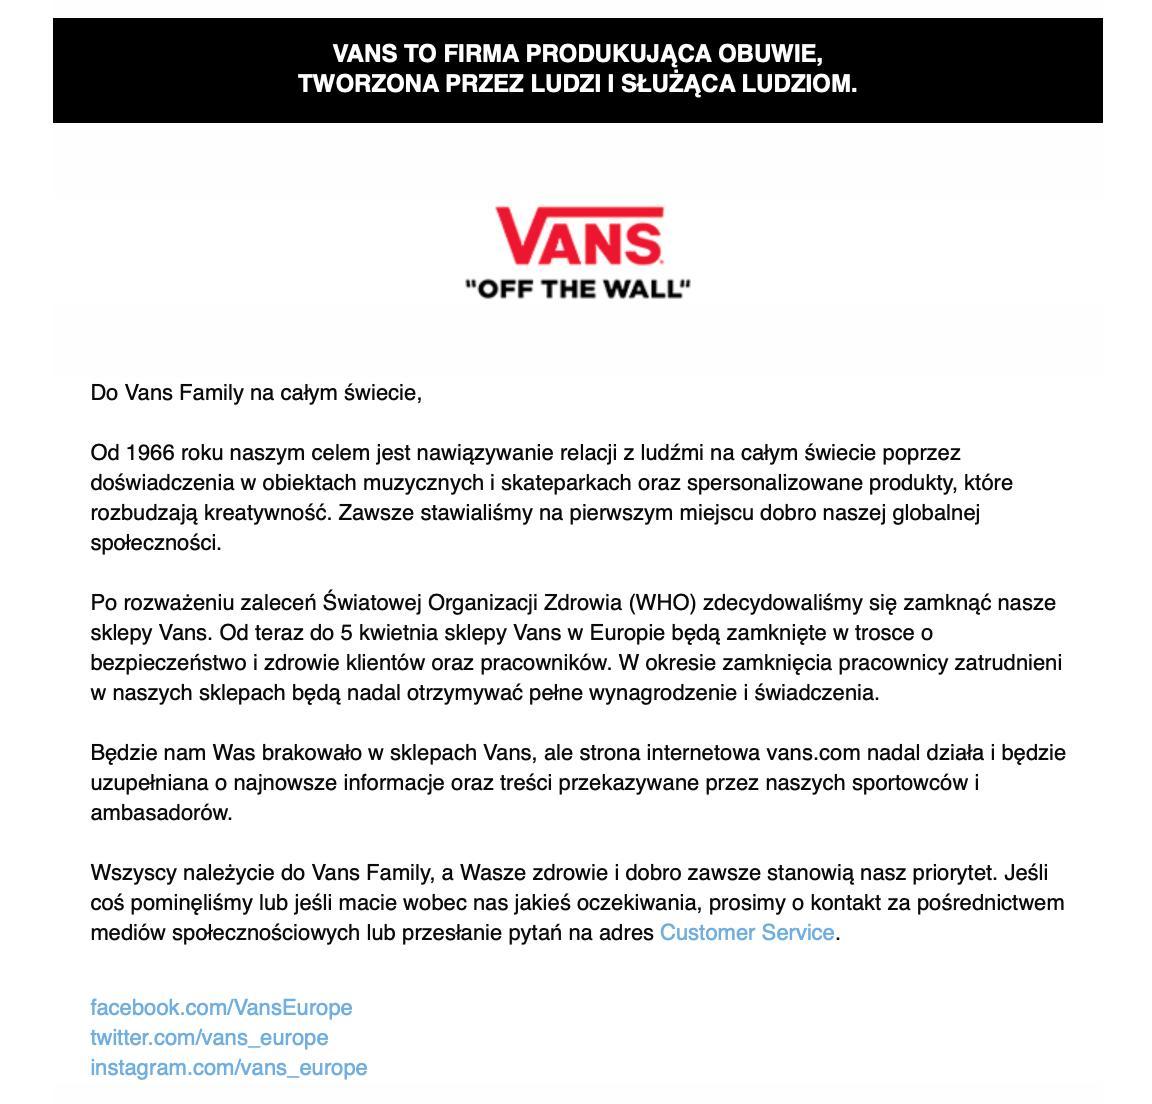 Vans Family list o zamknięciu sklepów